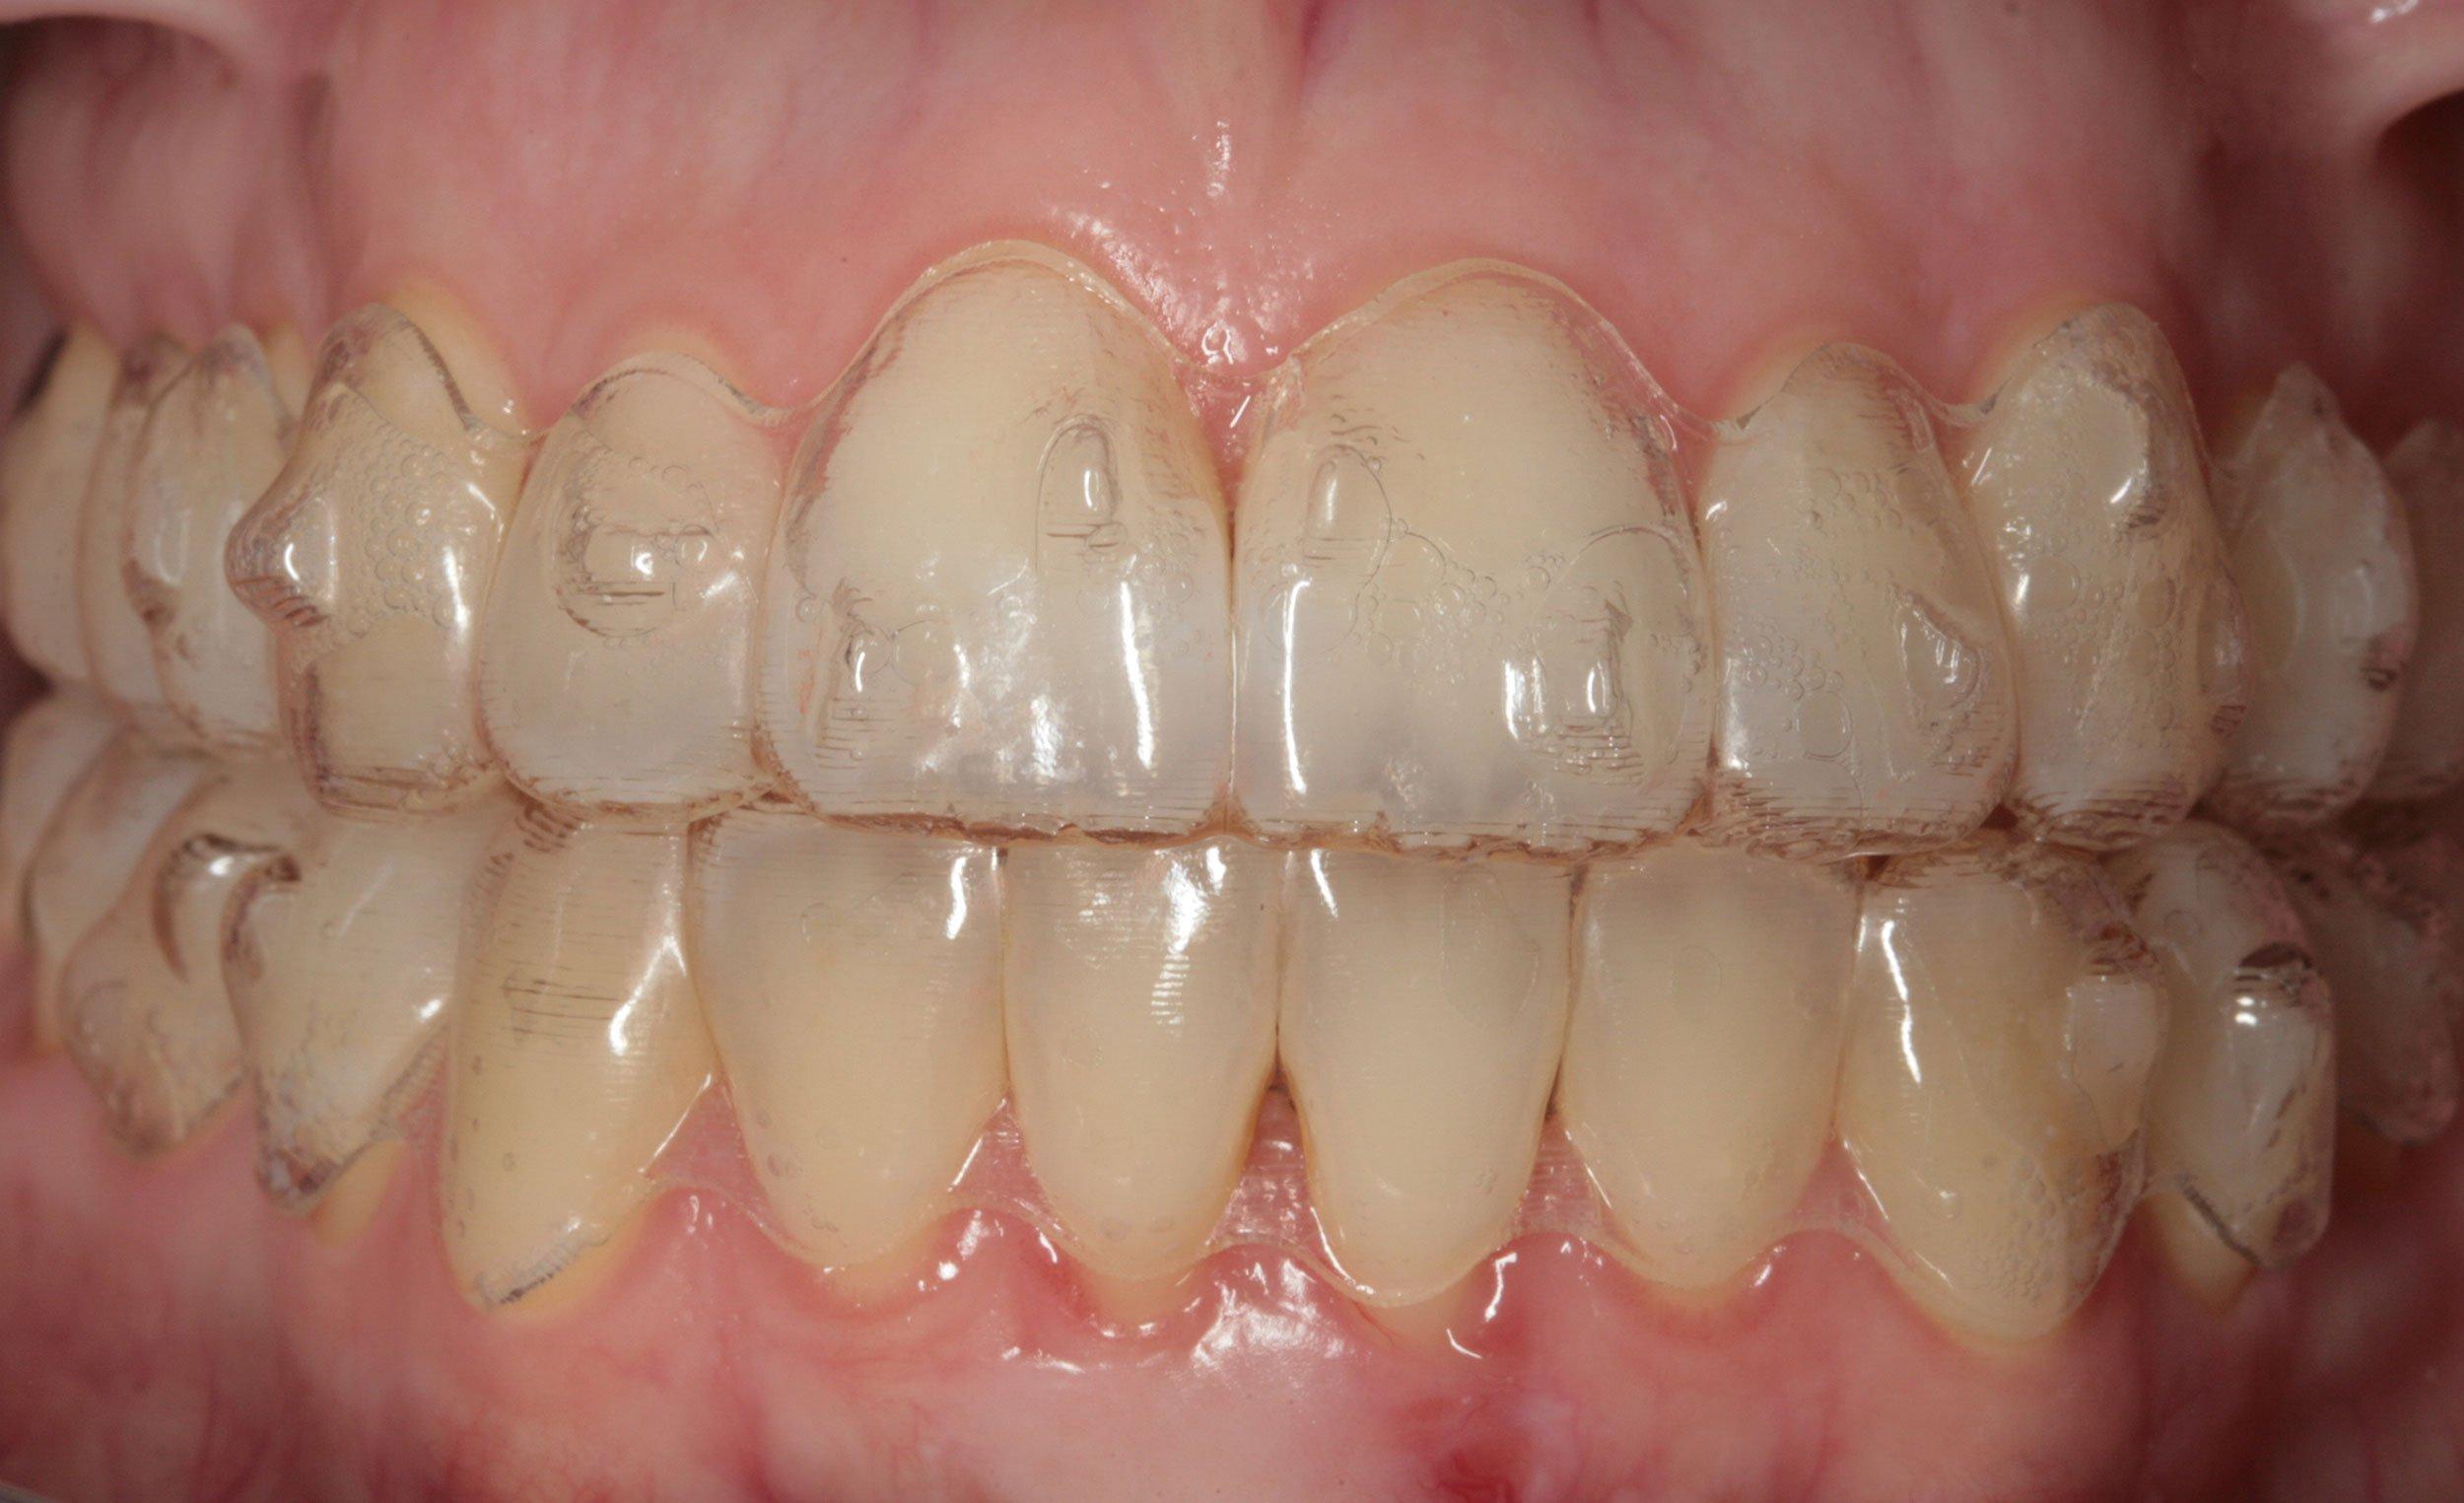 Before-Ortodoncia invisible (Invisalign)